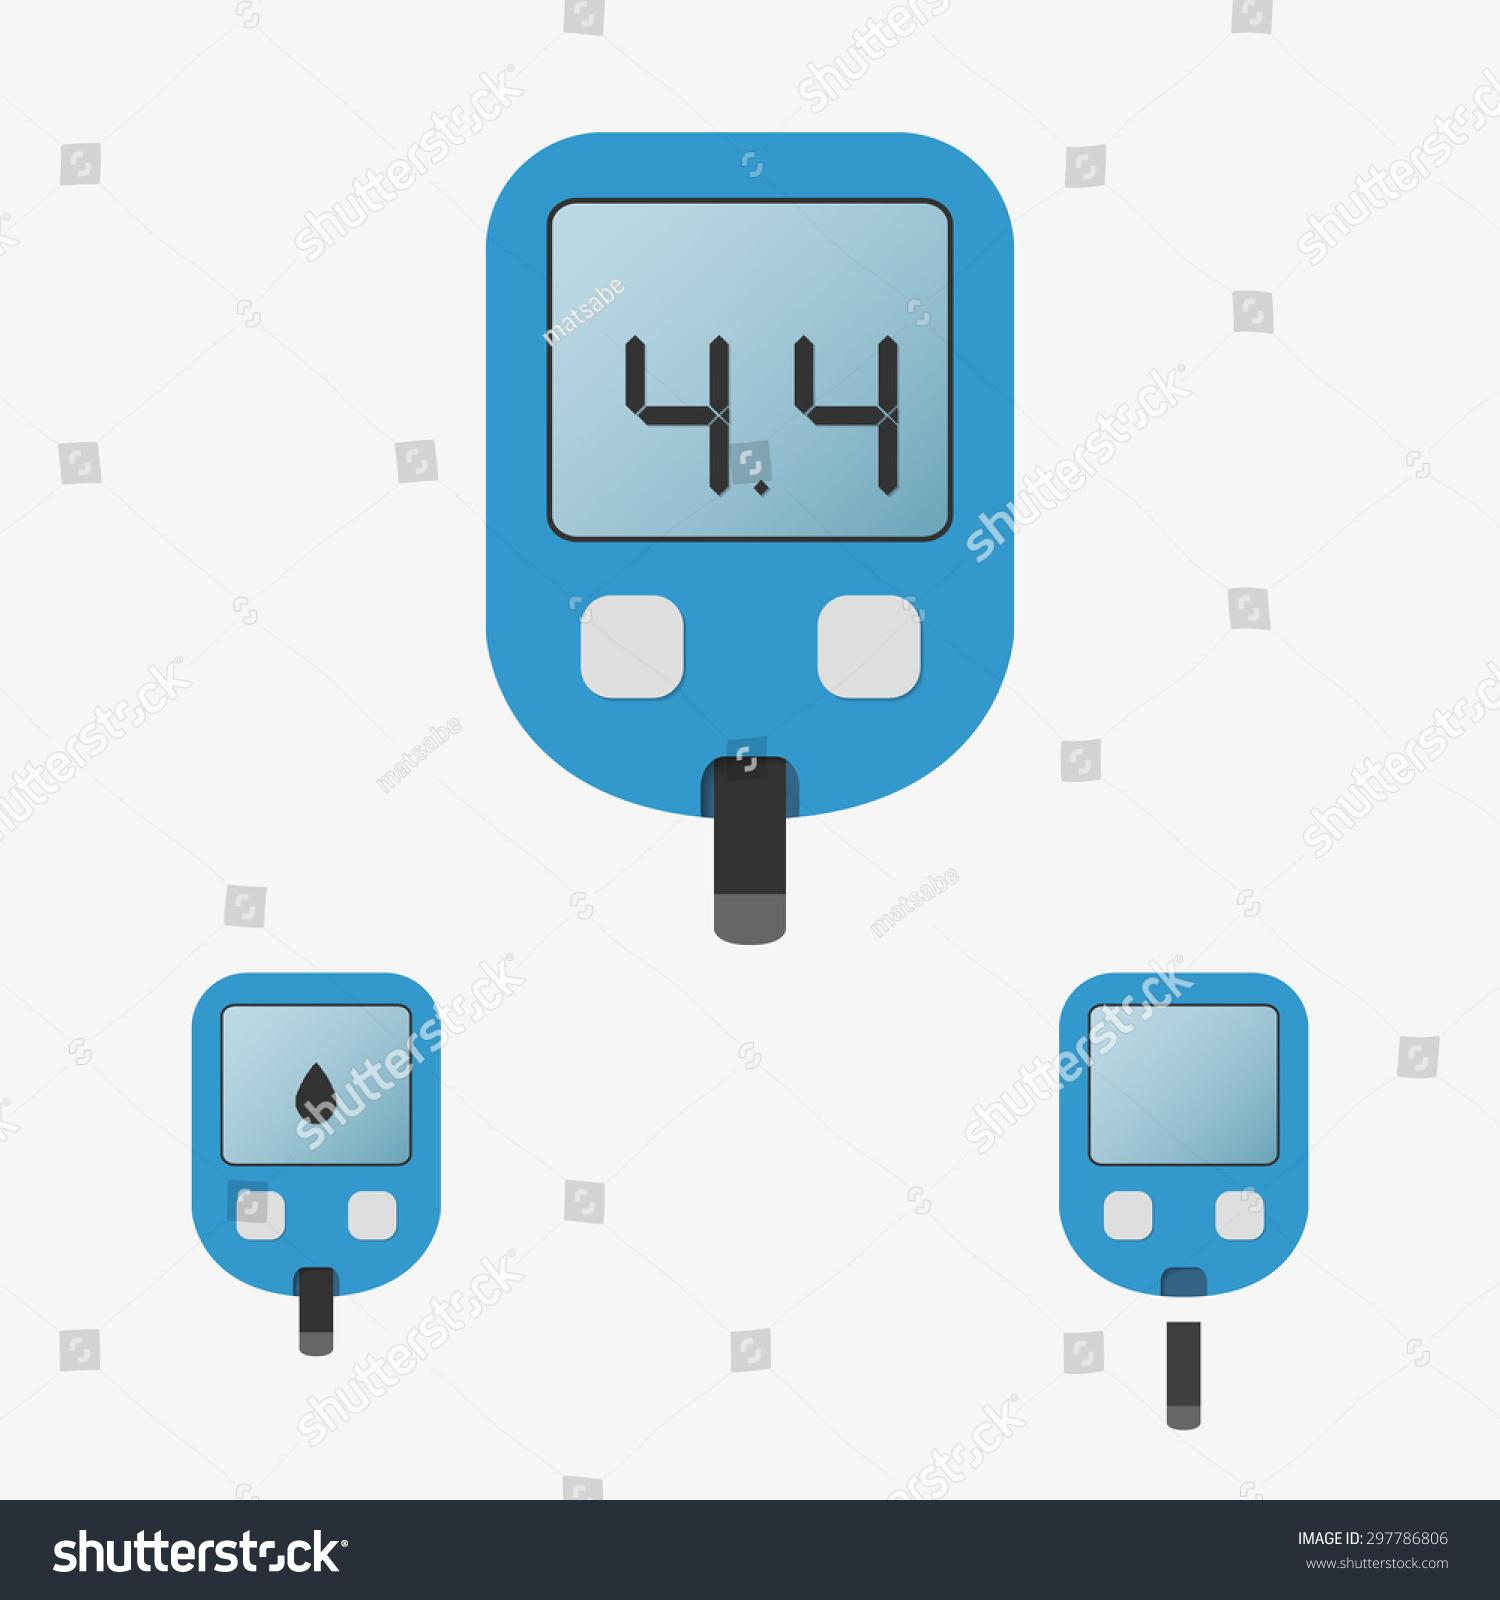 Home Glucose Meter (Glucometer) Vector Illustration - 297786806 ...